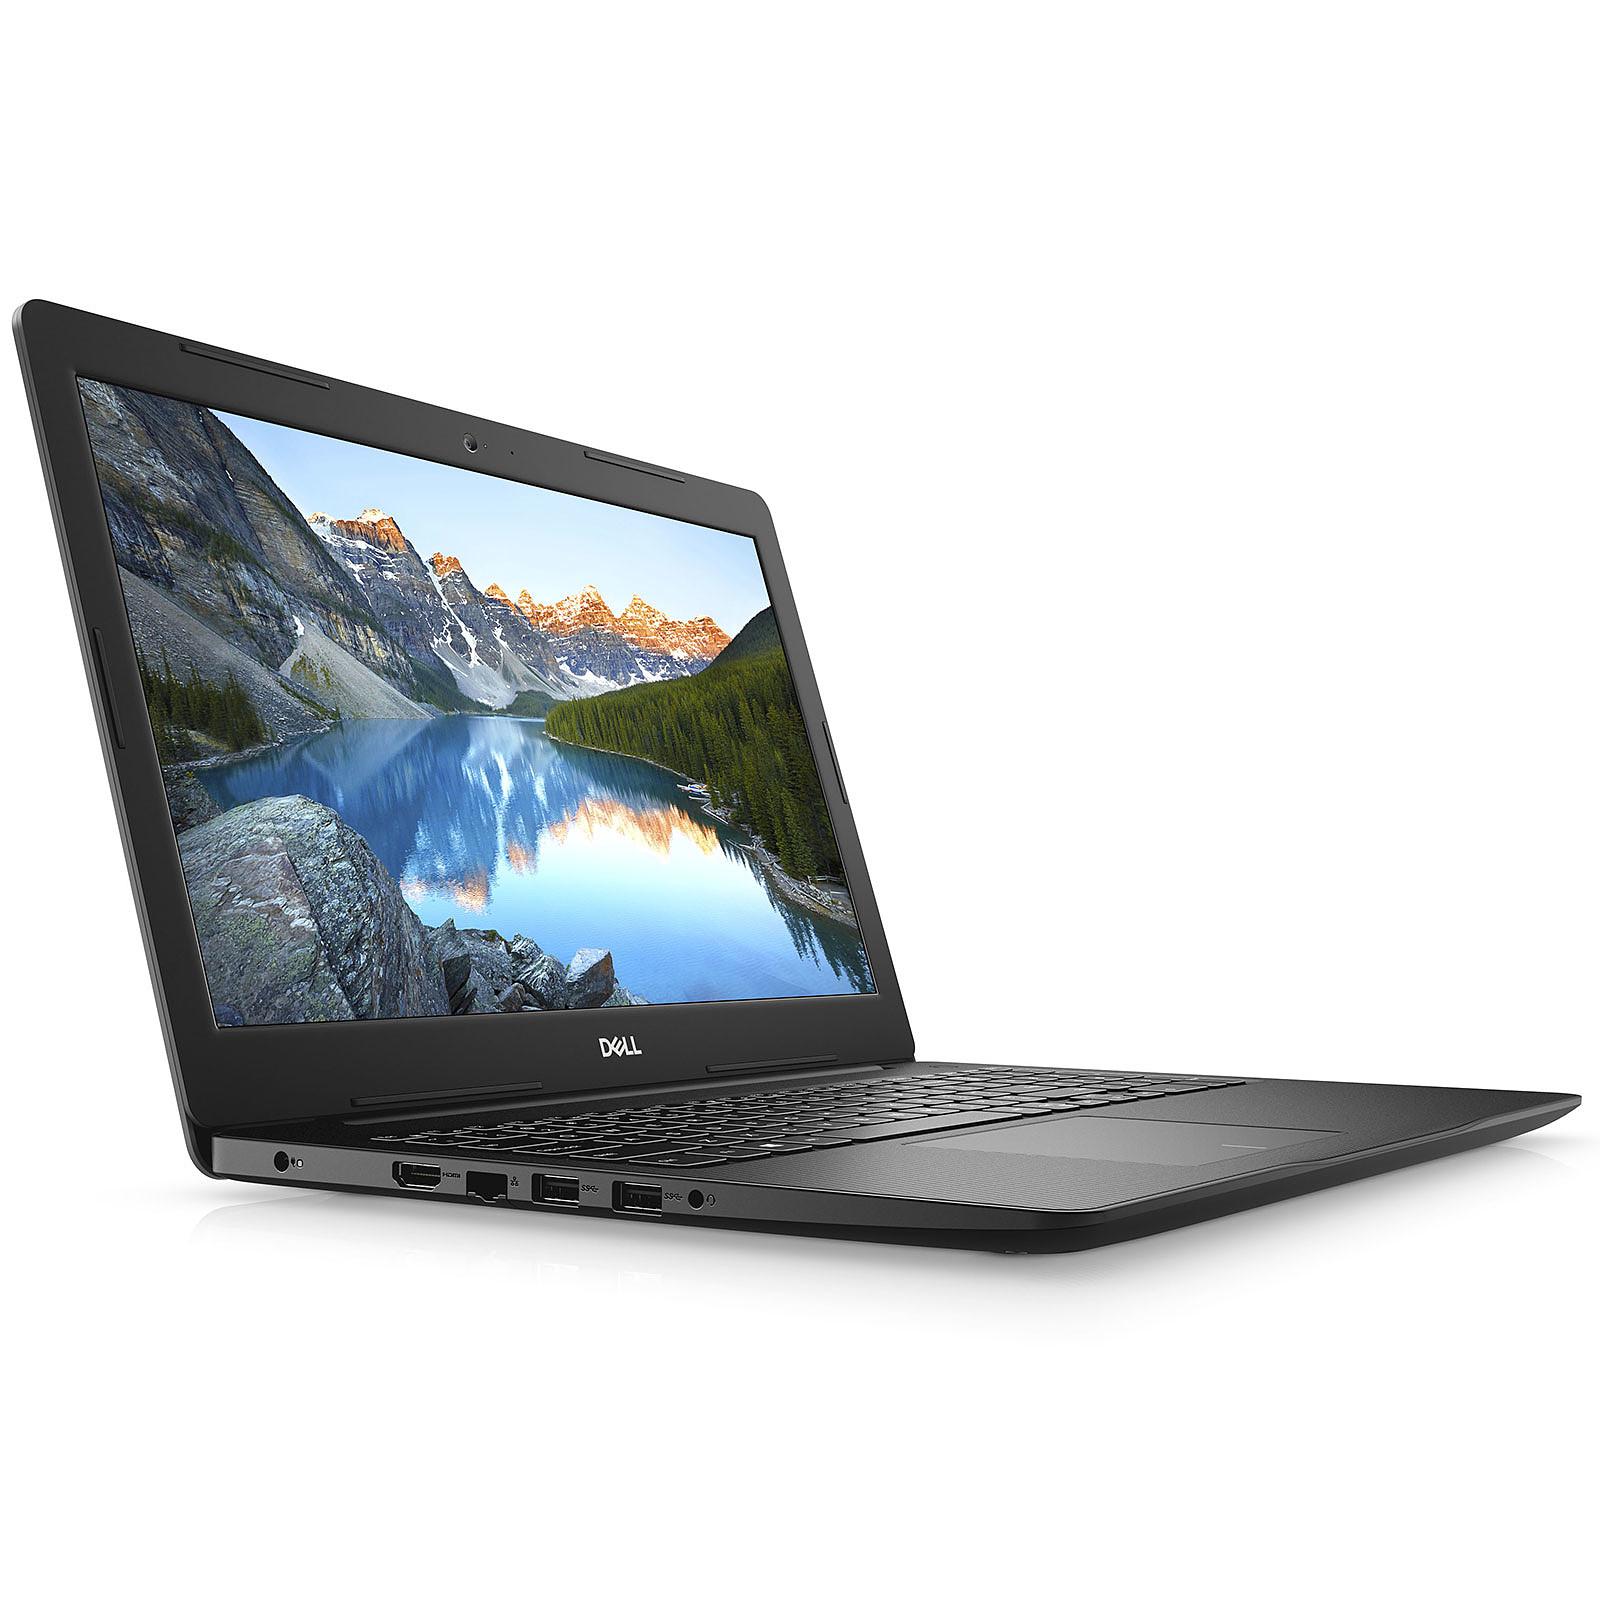 Dell Inspiron 15 3585 (R84TT)